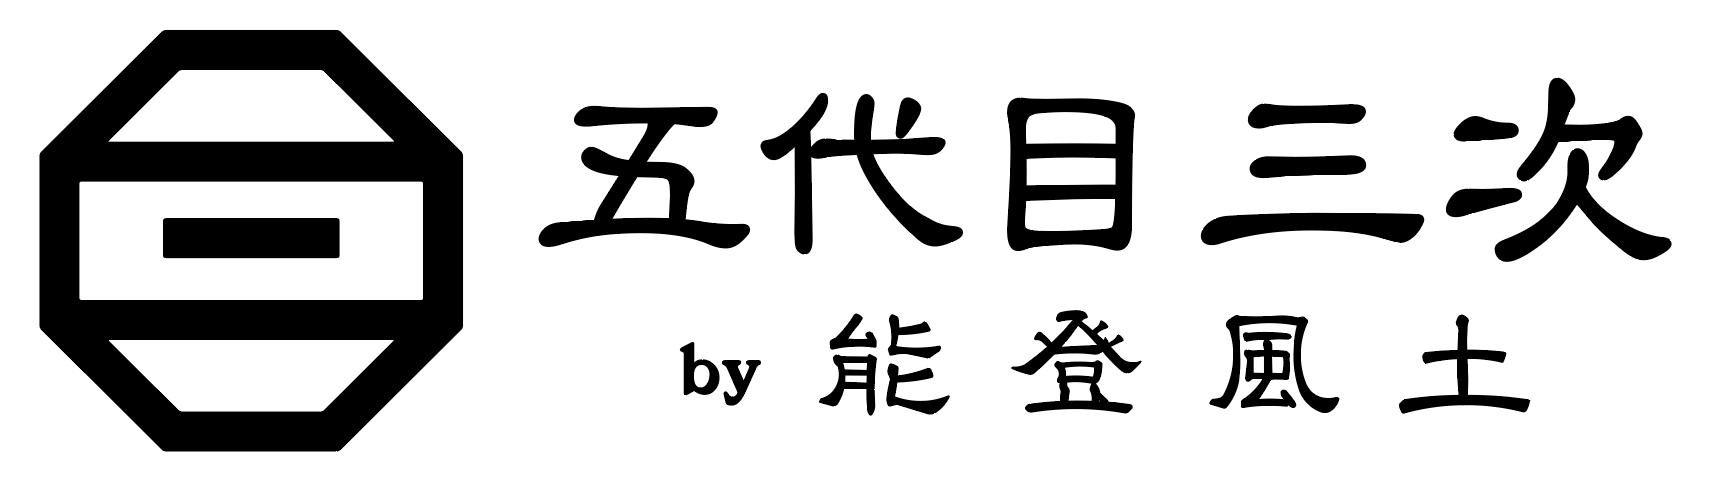 五代目三次 by 能登風土 オンラインストア